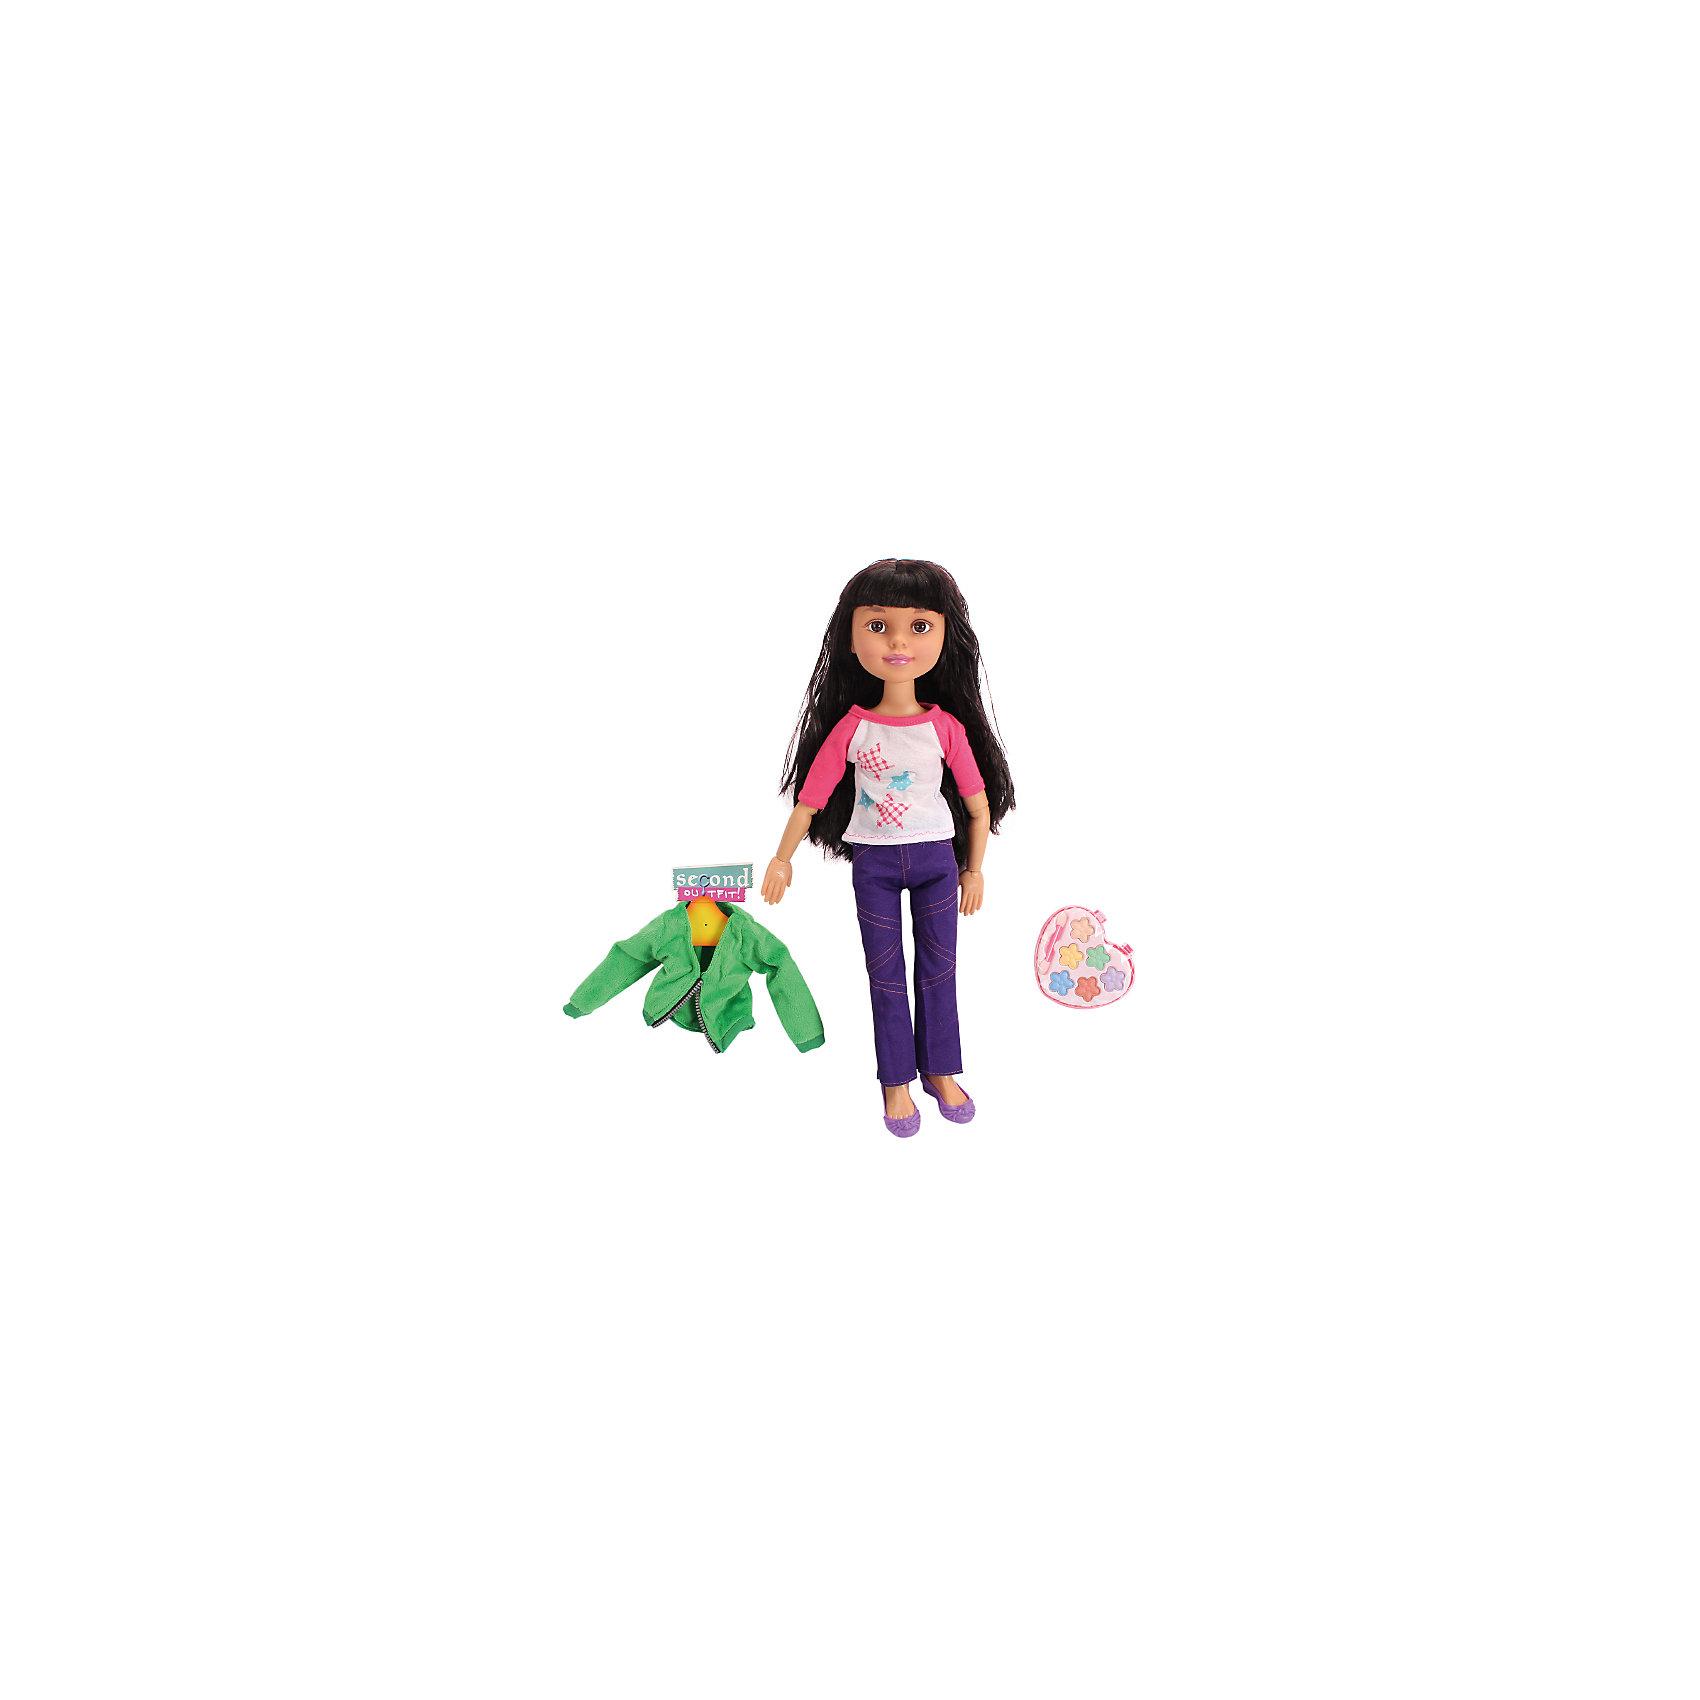 Кукла Макияж: Гламурная девчонка, 45,5 см, с аксессуарами, DollyToyКлассические куклы<br>Яркая модница ждёт встречи с новыми подружками! Эту куклу можно наряжать и делать ей настоящий макияж, косметика и стильные вещи есть в комплекте. Благодаря шарнирам можно менять положение ручек и ножек.<br> <br>Дополнительная информация:<br><br>Высота куклы: 45,5 см<br>В комплекте: кукла, косметика, одежда<br><br>Куклу Макияж: Гламурная девчонка, 45,5 см, с аксессуарами, DollyToy можно купить в нашем магазине.<br><br>Ширина мм: 370<br>Глубина мм: 110<br>Высота мм: 355<br>Вес г: 1083<br>Возраст от месяцев: 72<br>Возраст до месяцев: 1188<br>Пол: Женский<br>Возраст: Детский<br>SKU: 4590208